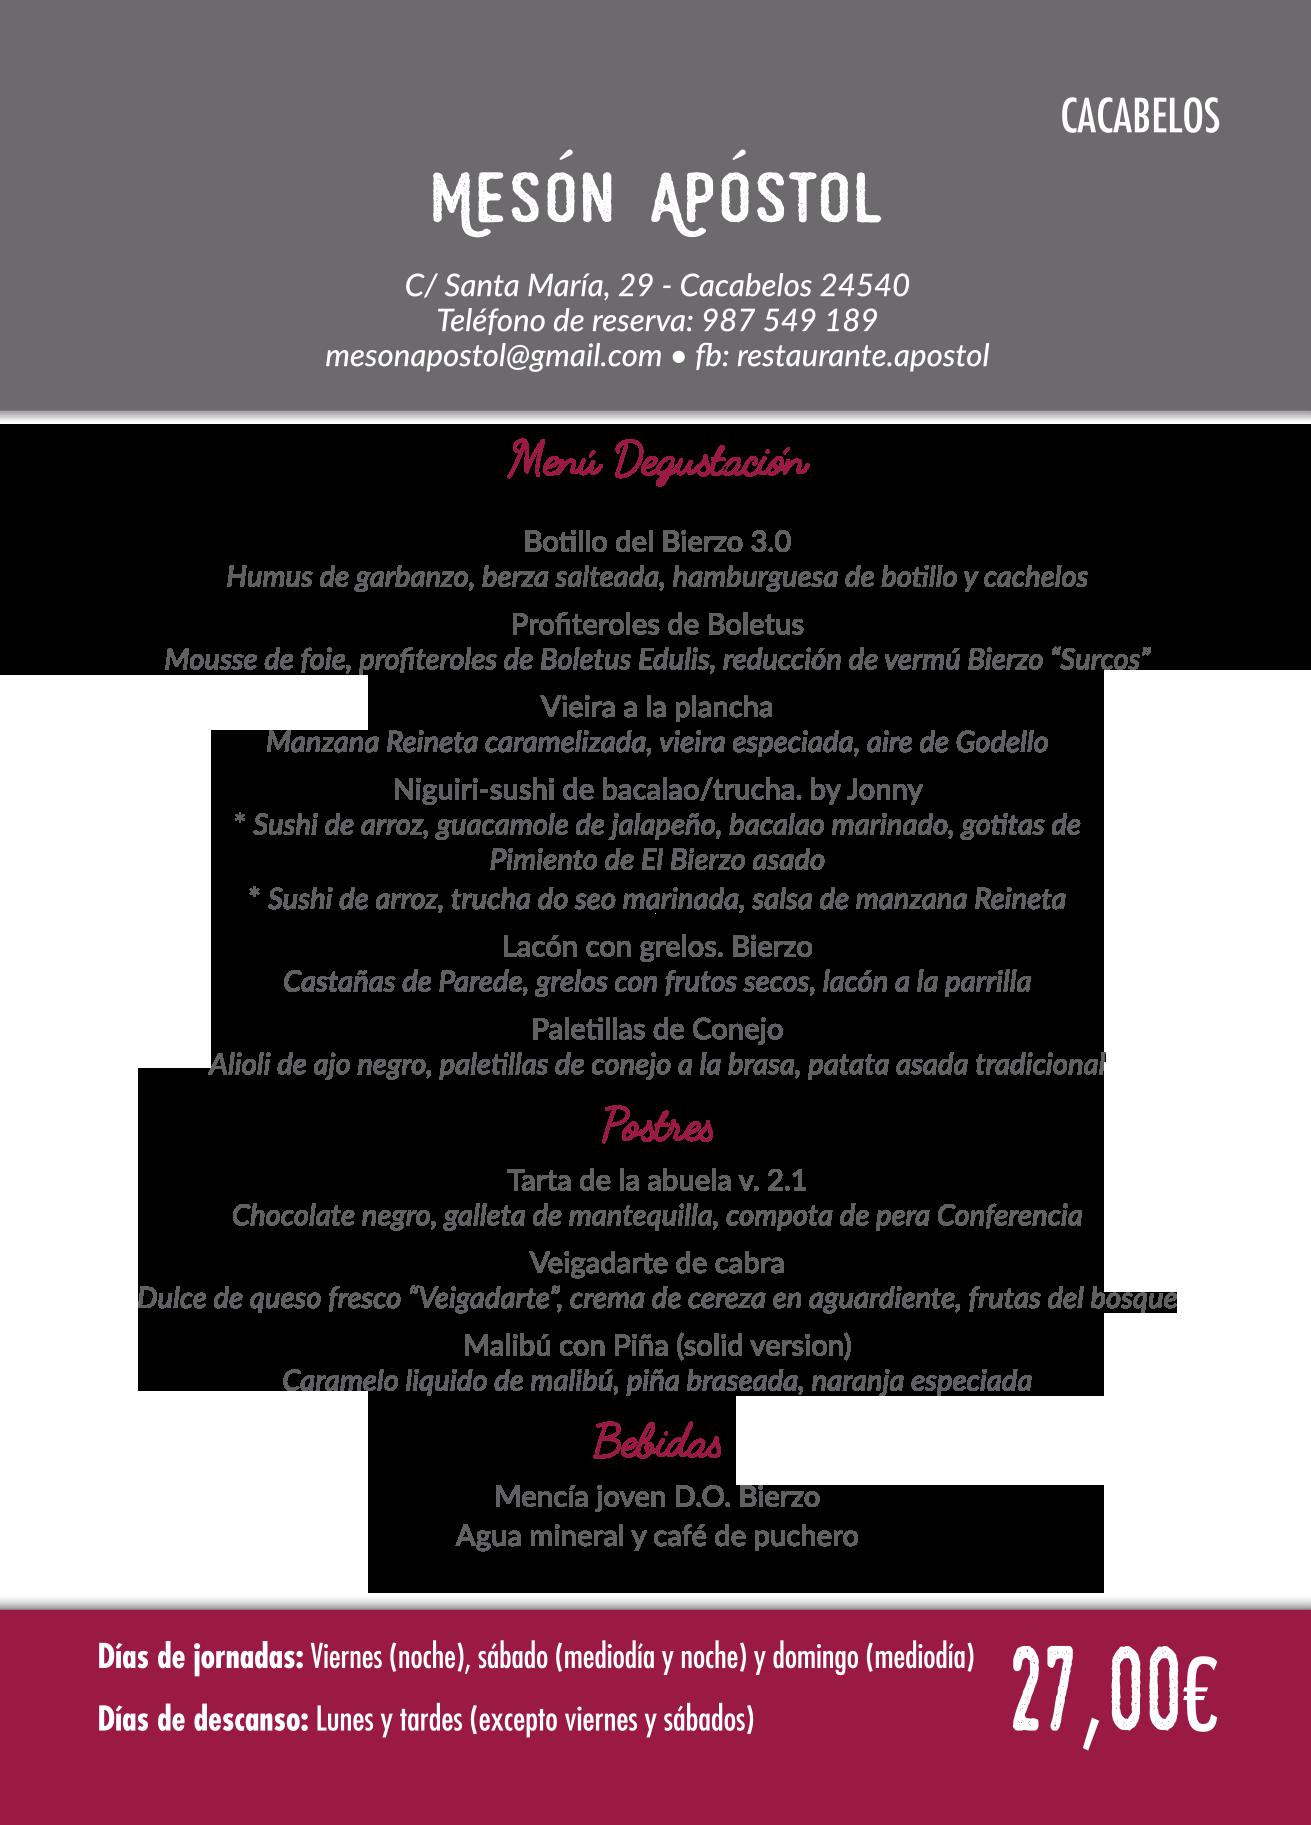 Las Jornadas Gastronómicas del Bierzo llegan a su 35 edición. Consulta los menús de esta edición 13